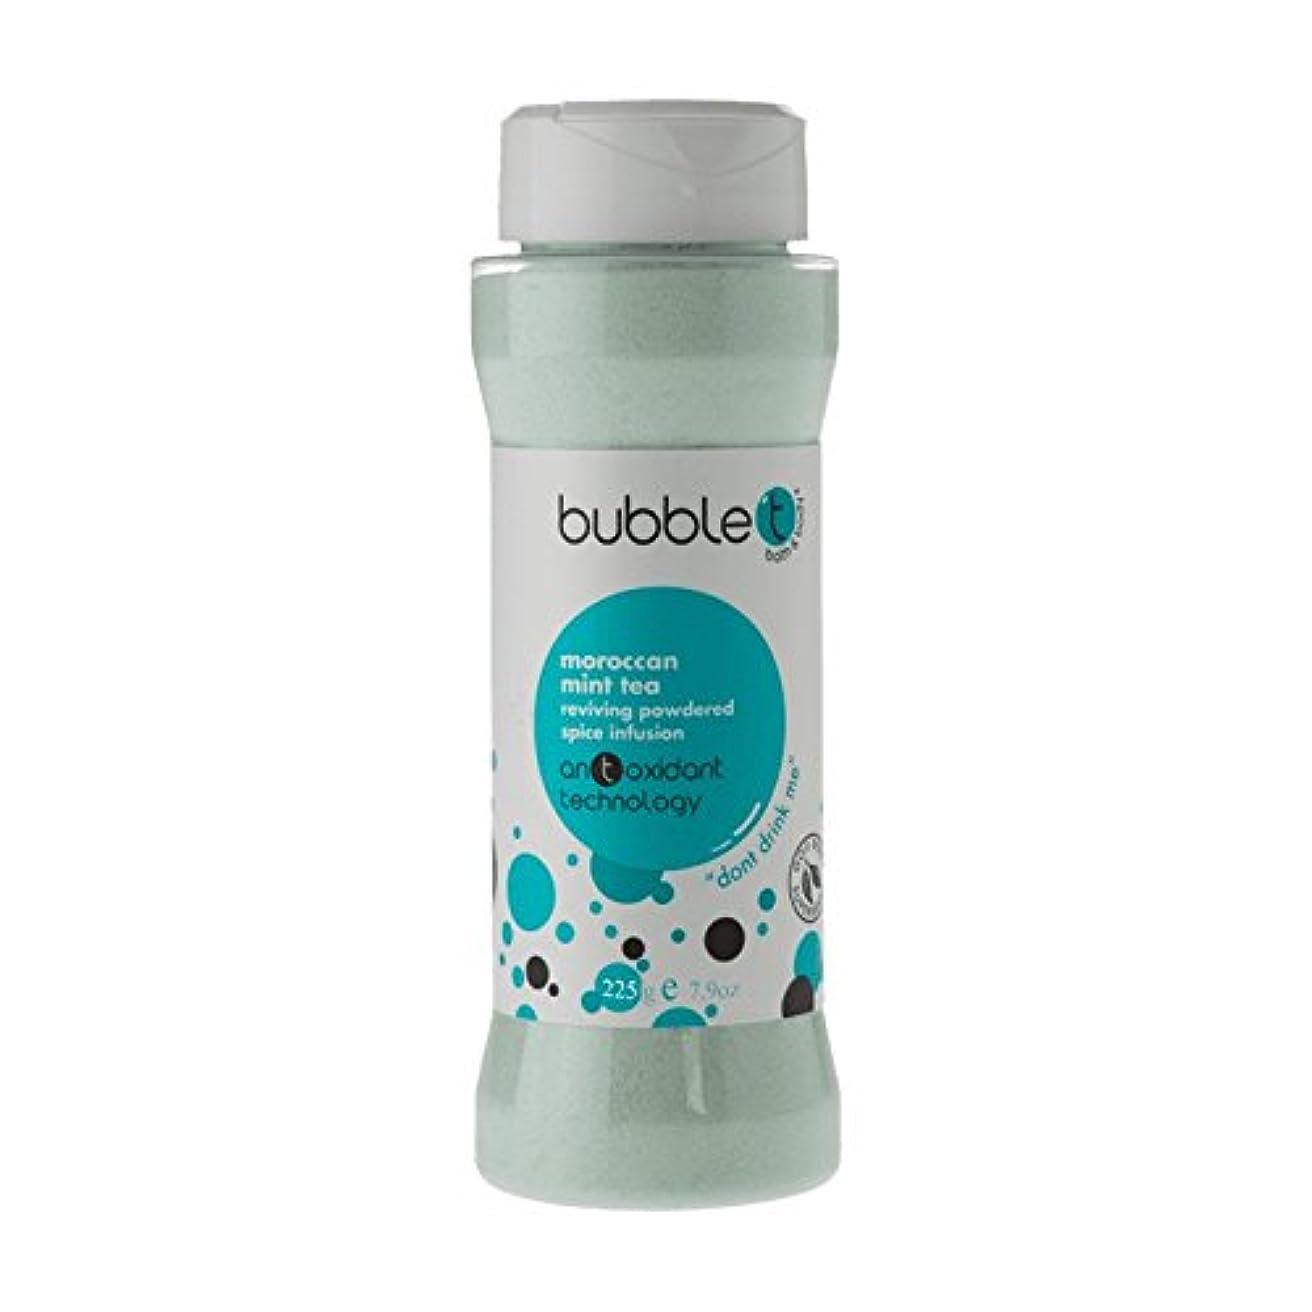 ストラトフォードオンエイボンストラトフォードオンエイボン仮説Bubble T Bath Spice Infusion Morrocan Mint Tea 225g (Pack of 6) - バブルトン風呂スパイス注入モロッコのミントティー225グラム (x6) [並行輸入品]